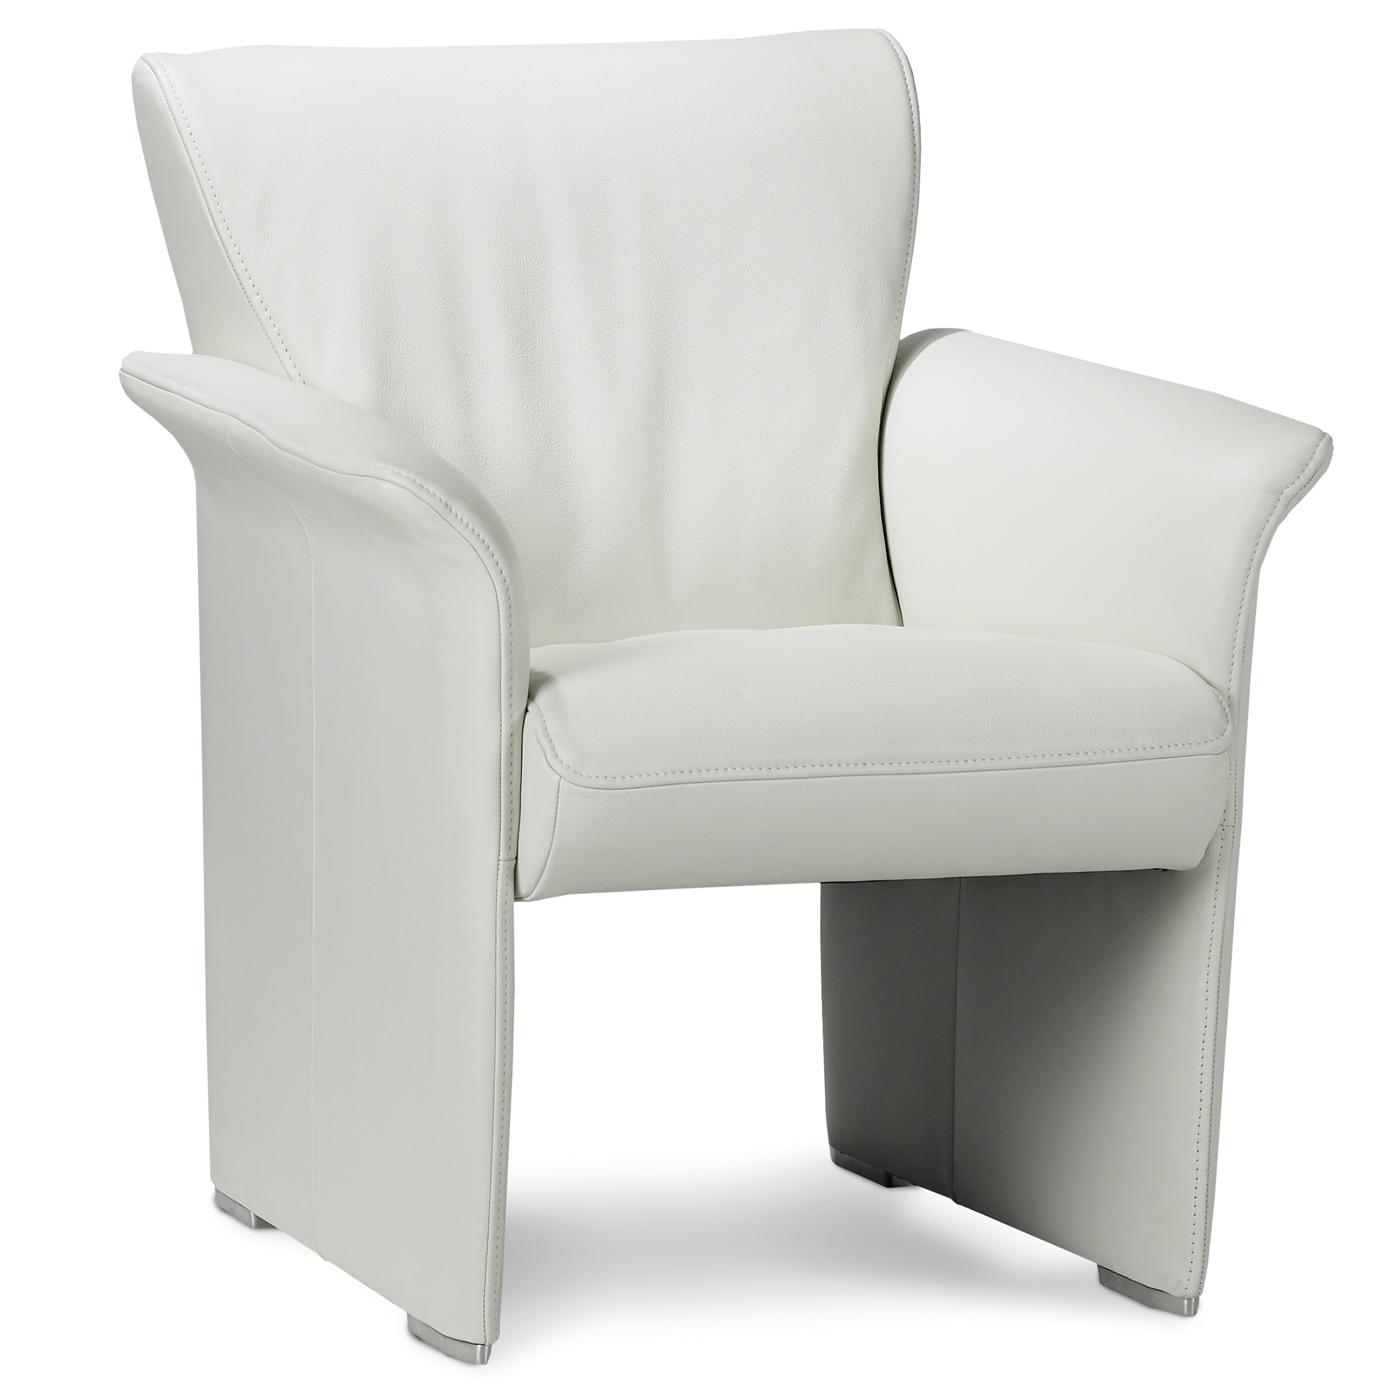 Aqua fauteuil